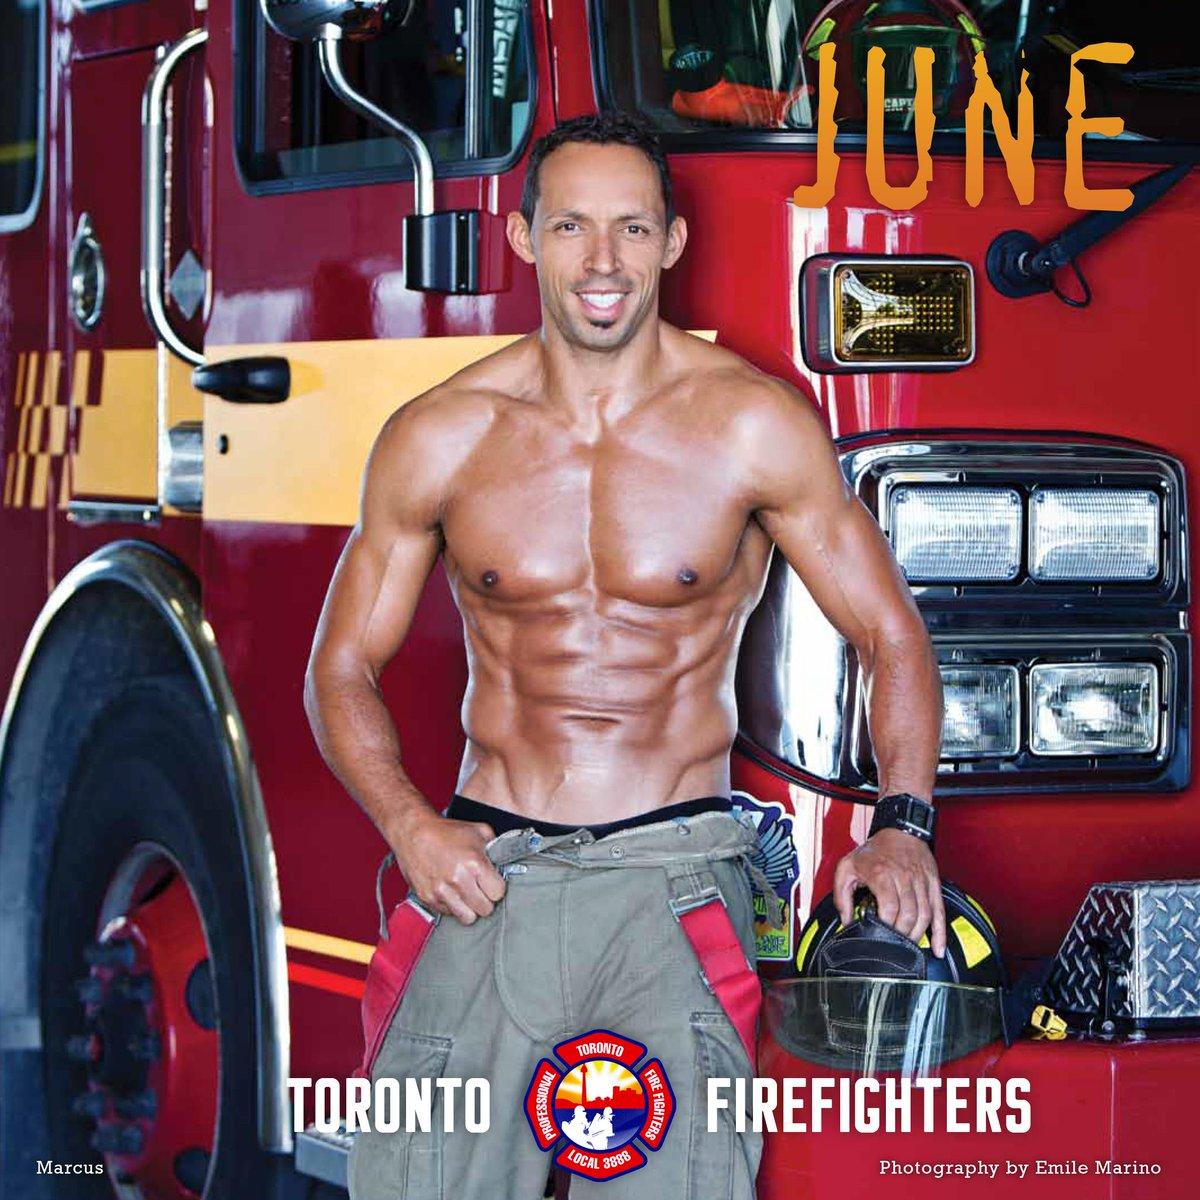 Fireman Calendar May : Firefighter calendar torontoffc twitter